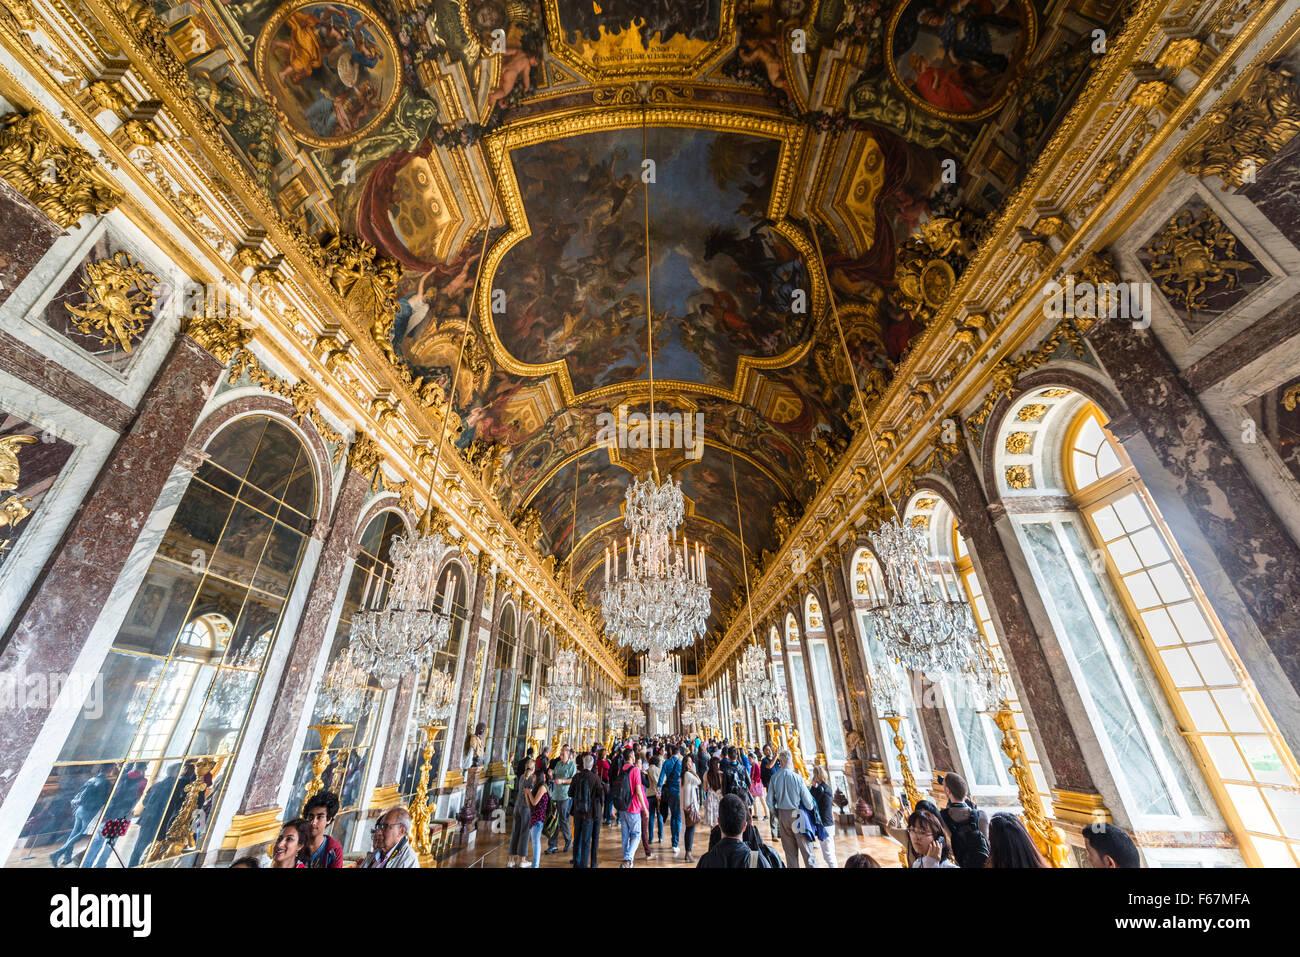 Galerie des glaces, Versailles, UNESCO World Heritage Site, Yvelines, région Ile-de-France, France Photo Stock